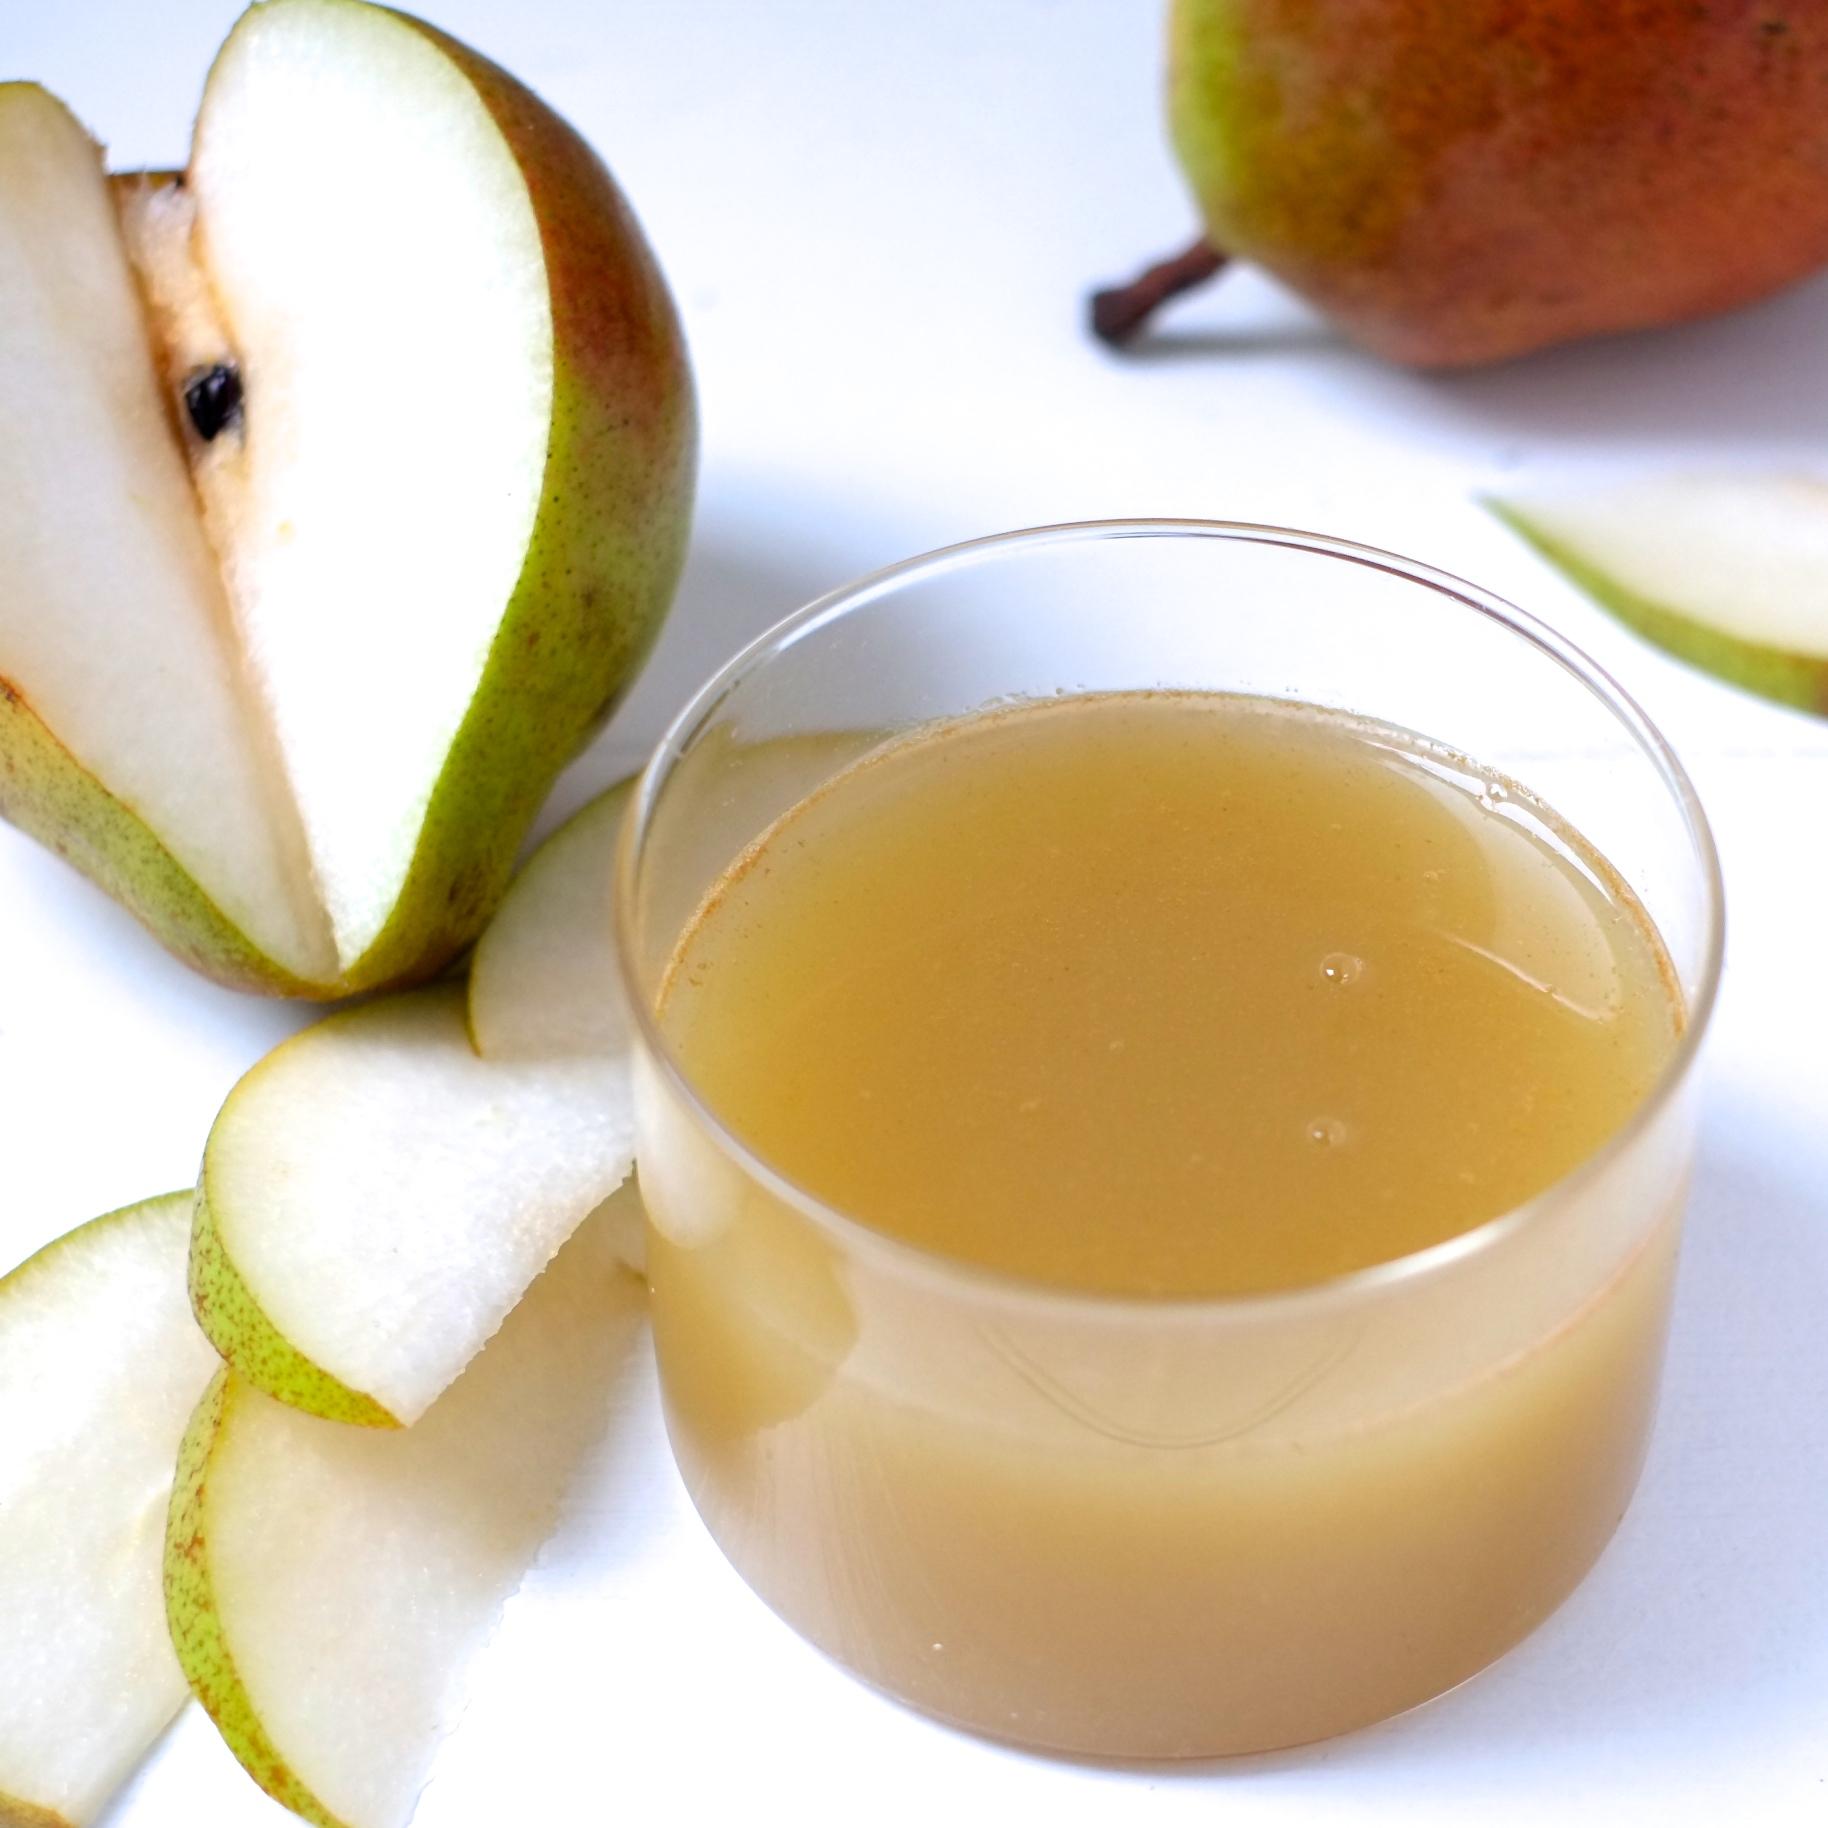 Jus frais de poire (25 cl)